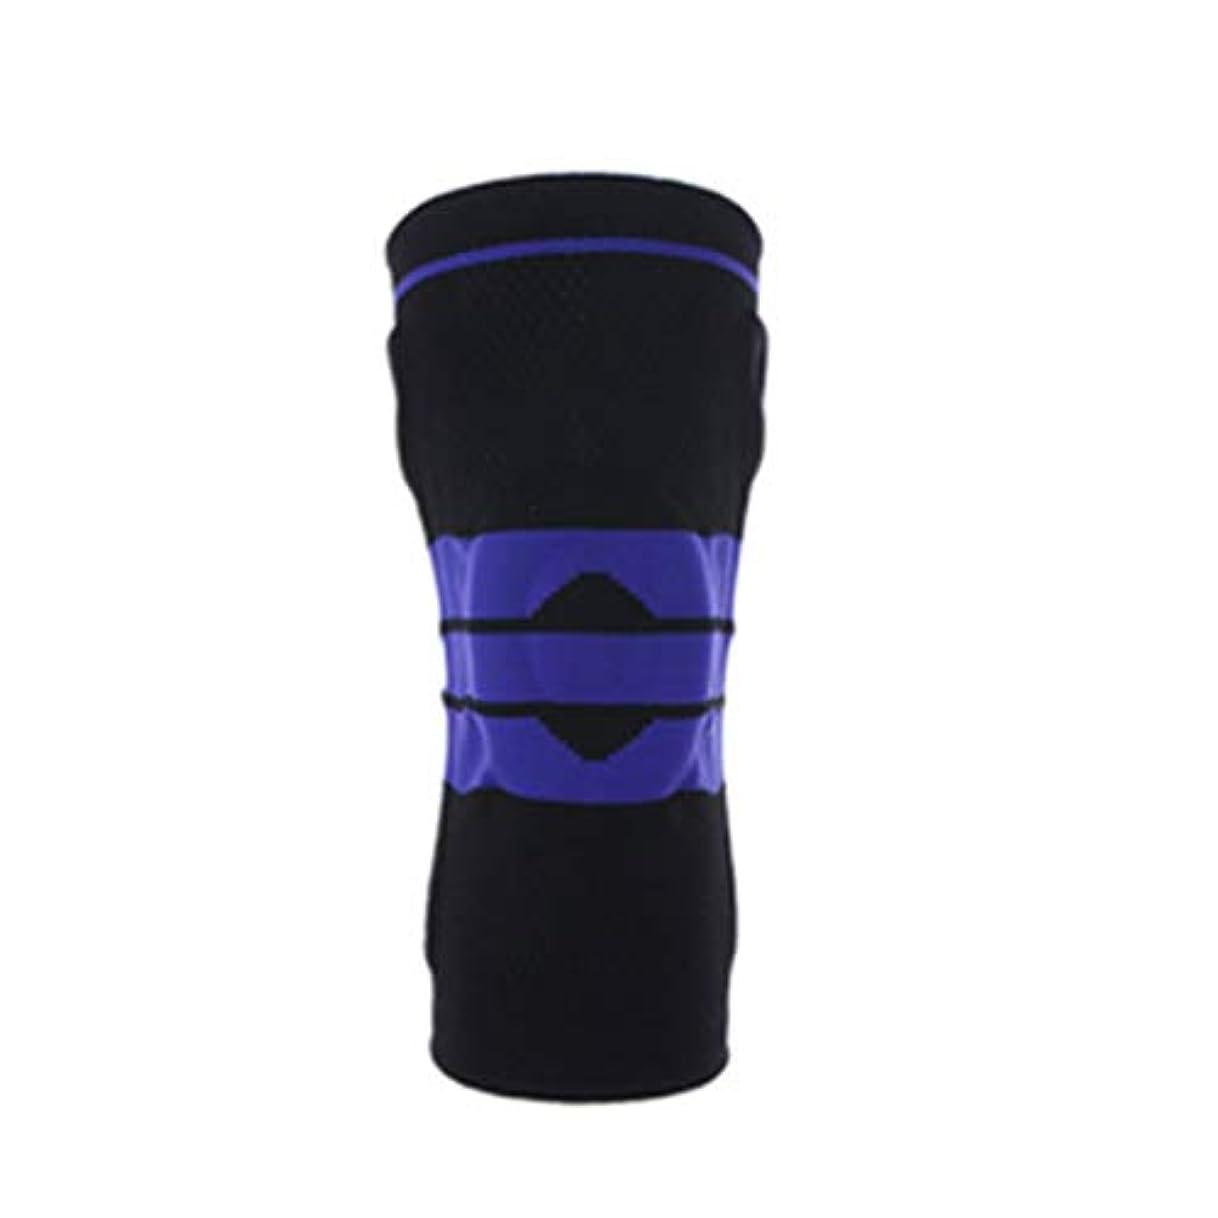 立方体貫入フェザー男性と女性のスポーツ膝パッドシリコーンスプリングニット膝パッドバスケットボール-Rustle666